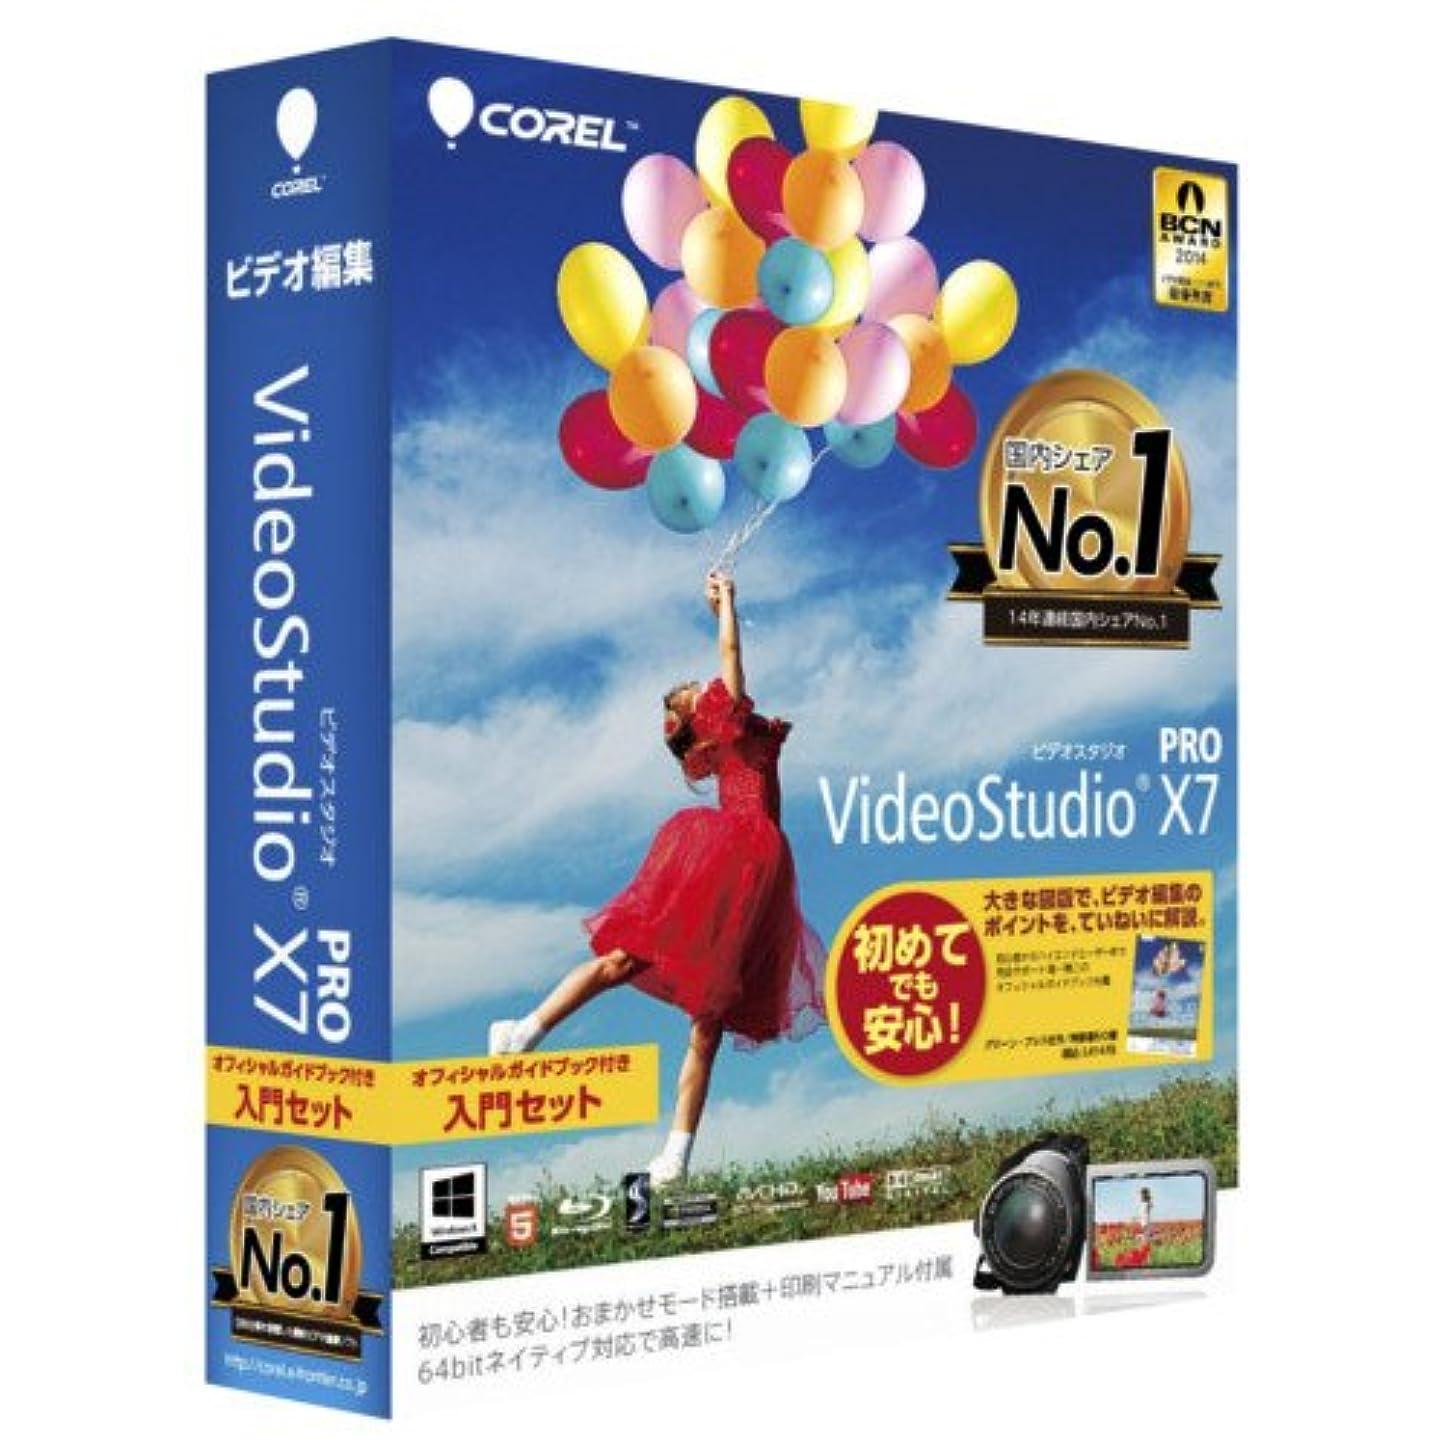 自信があるの配列利用可能VideoStudio Pro X7 入門セット